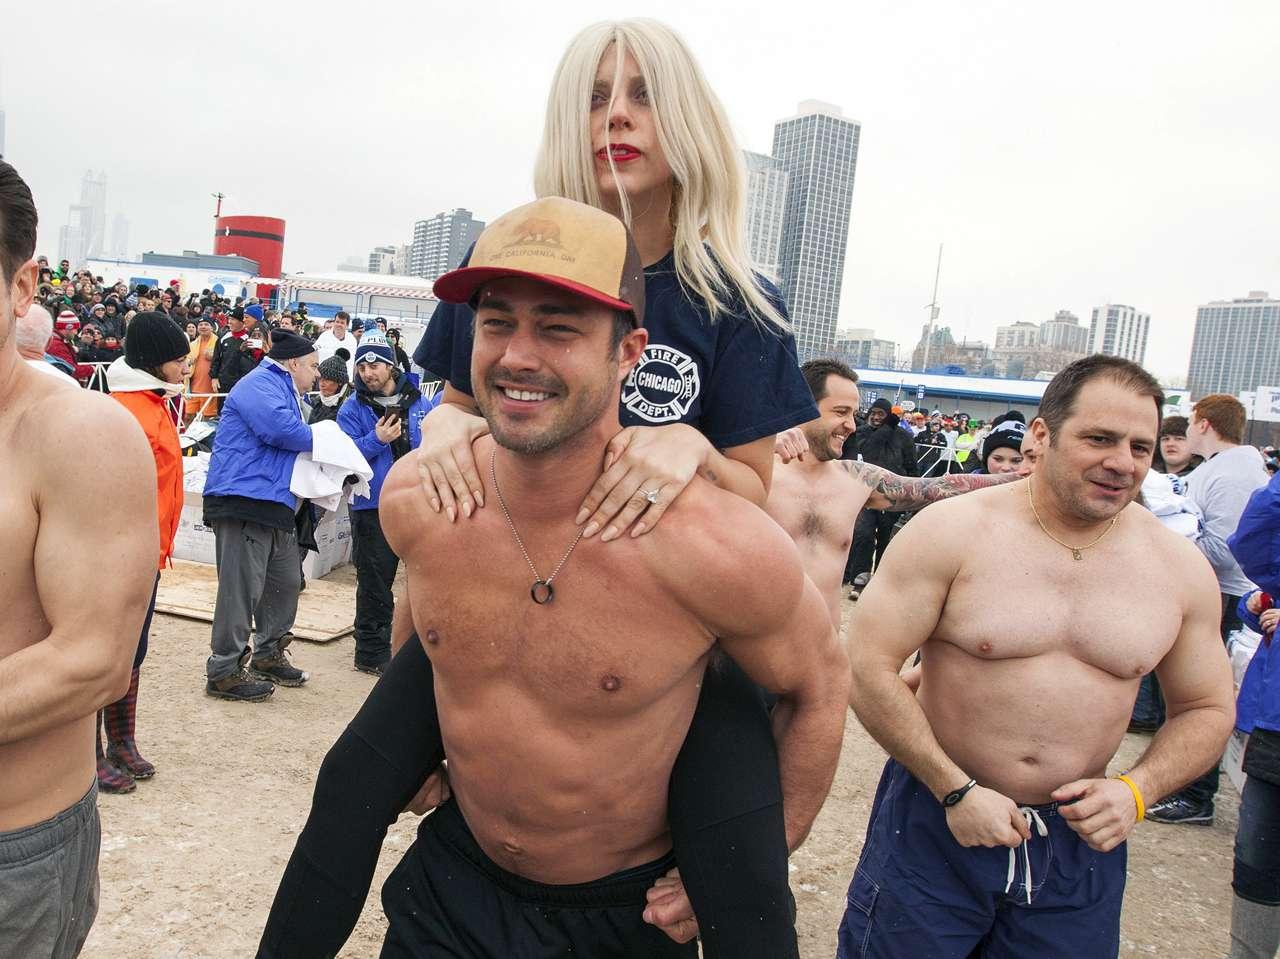 Lady Gaga se lanzó a lago helado por causa benéfica. Foto: AP en español